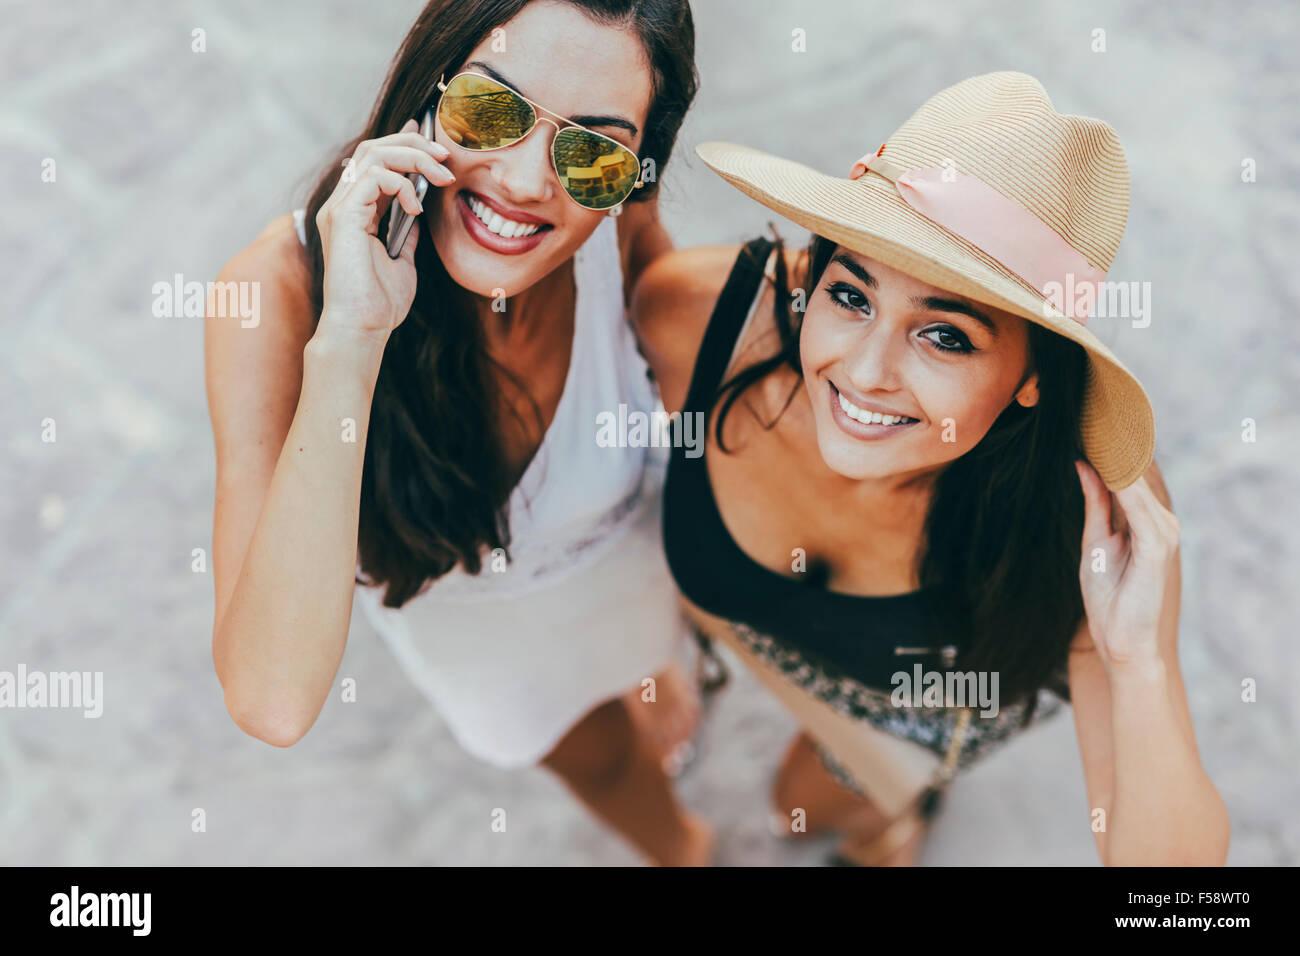 Portrait de deux belles filles dans des vêtements d'été souriant et parlant au téléphone Photo Stock